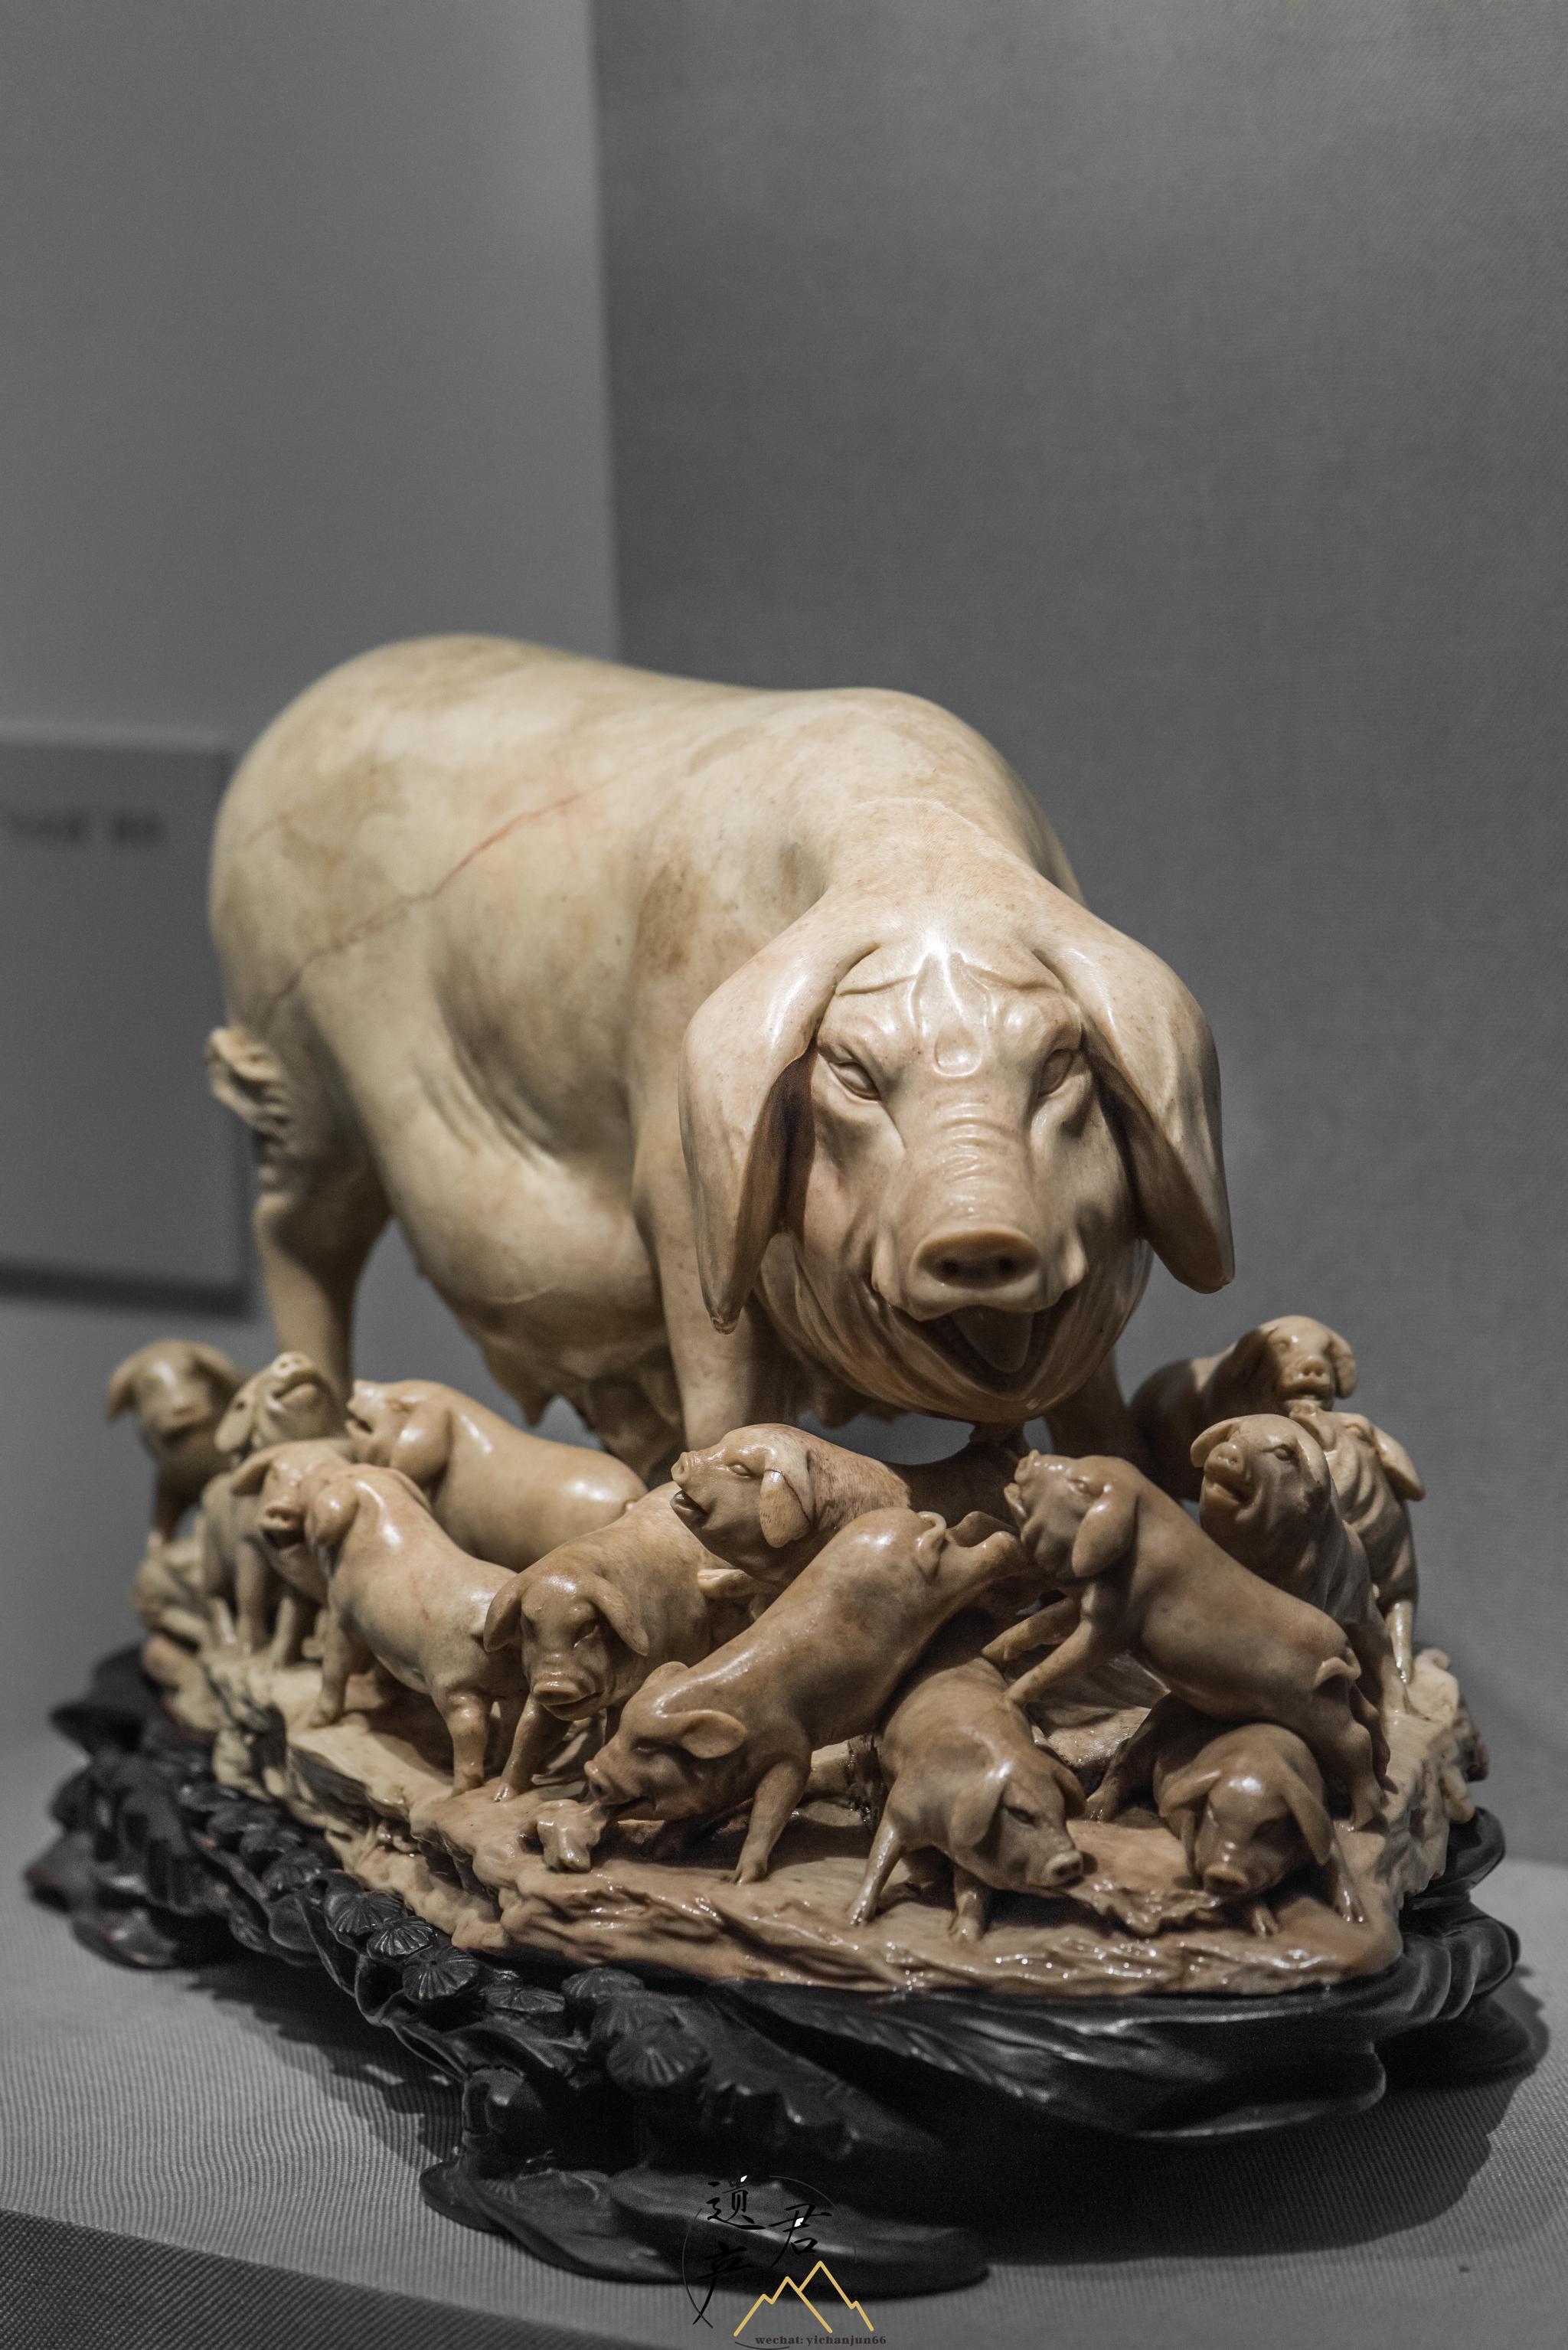 福建博物院藏· 寿山石雕母猪摆件